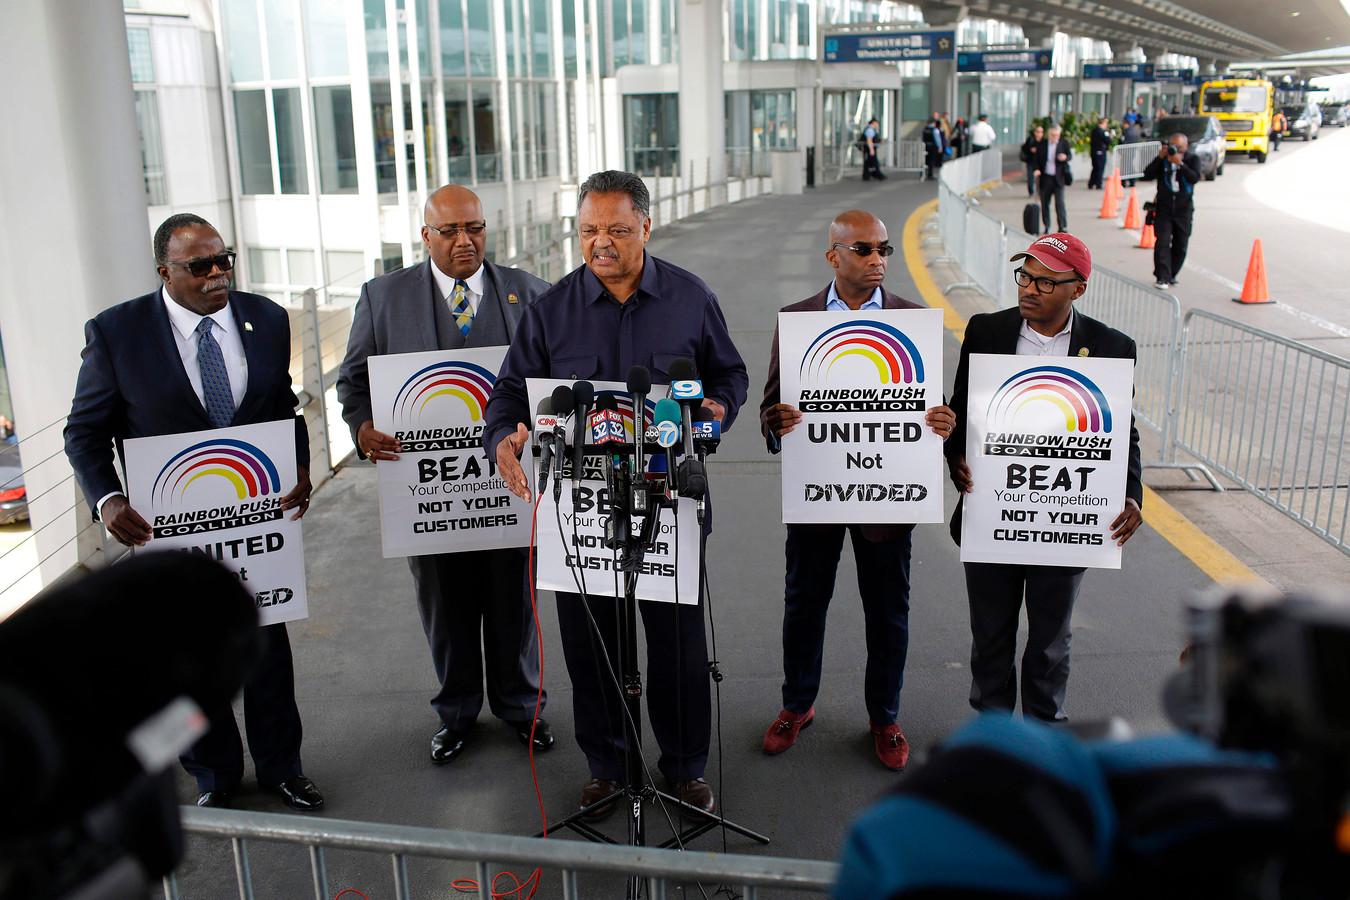 De Amerikaanse dominee Jesse Jackson (midden) protesteert op het vliegveld O'Hare in Chicago, tegen de hardhandige behandeling van passagiers.